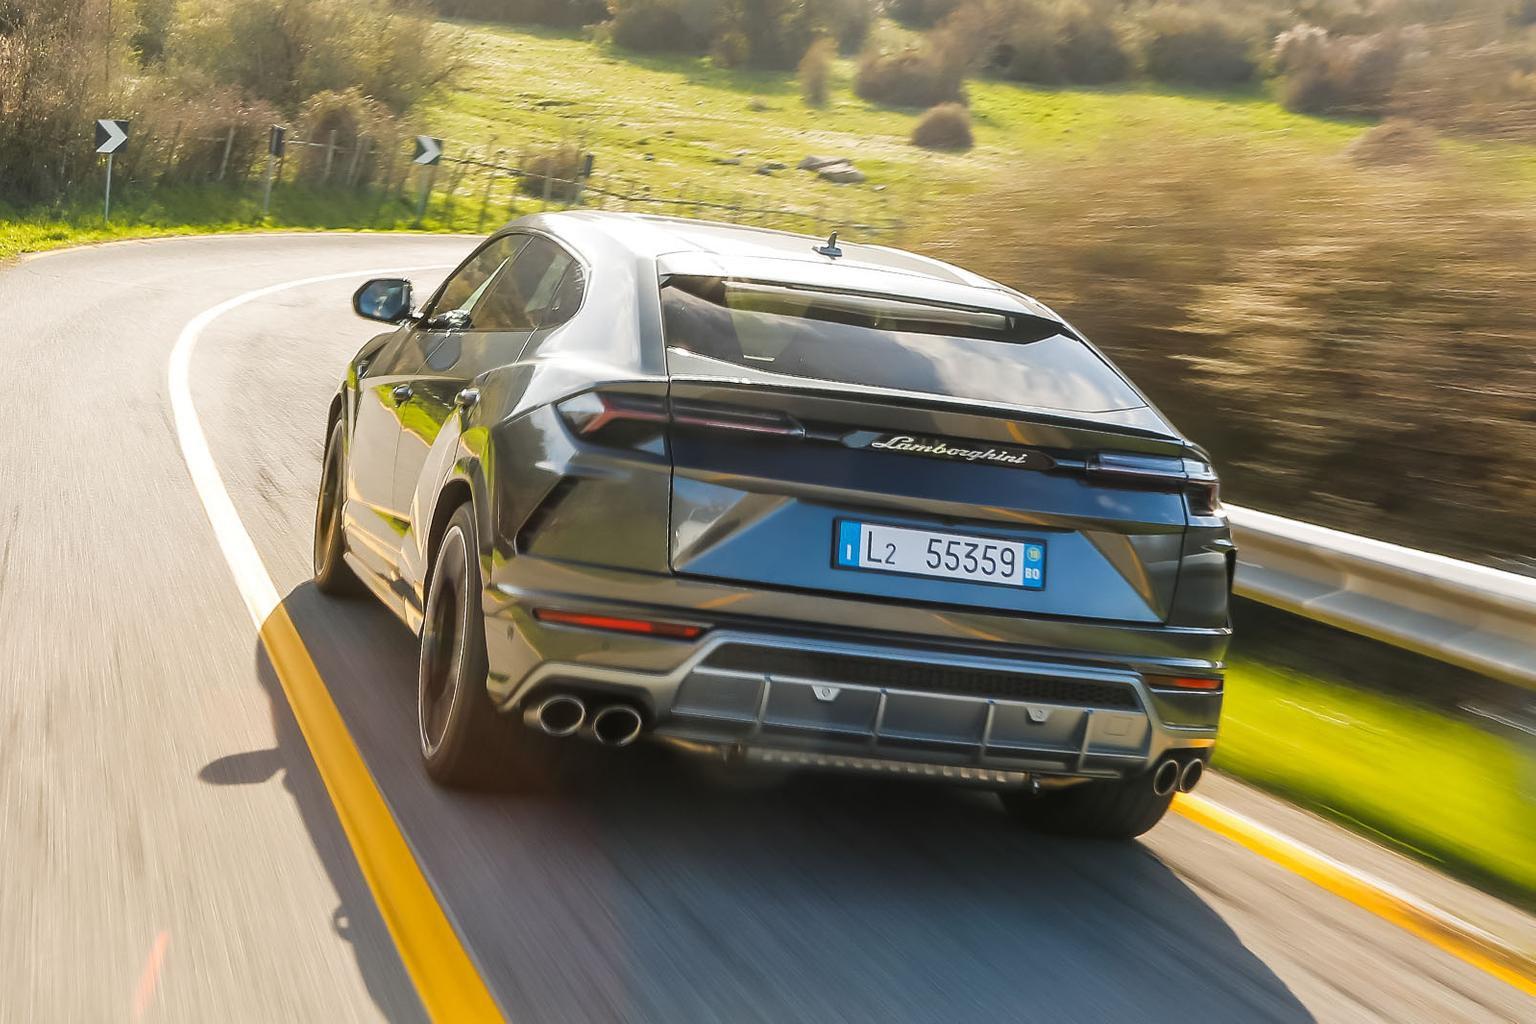 2018 Lamborghini Urus review – price, specs and release date